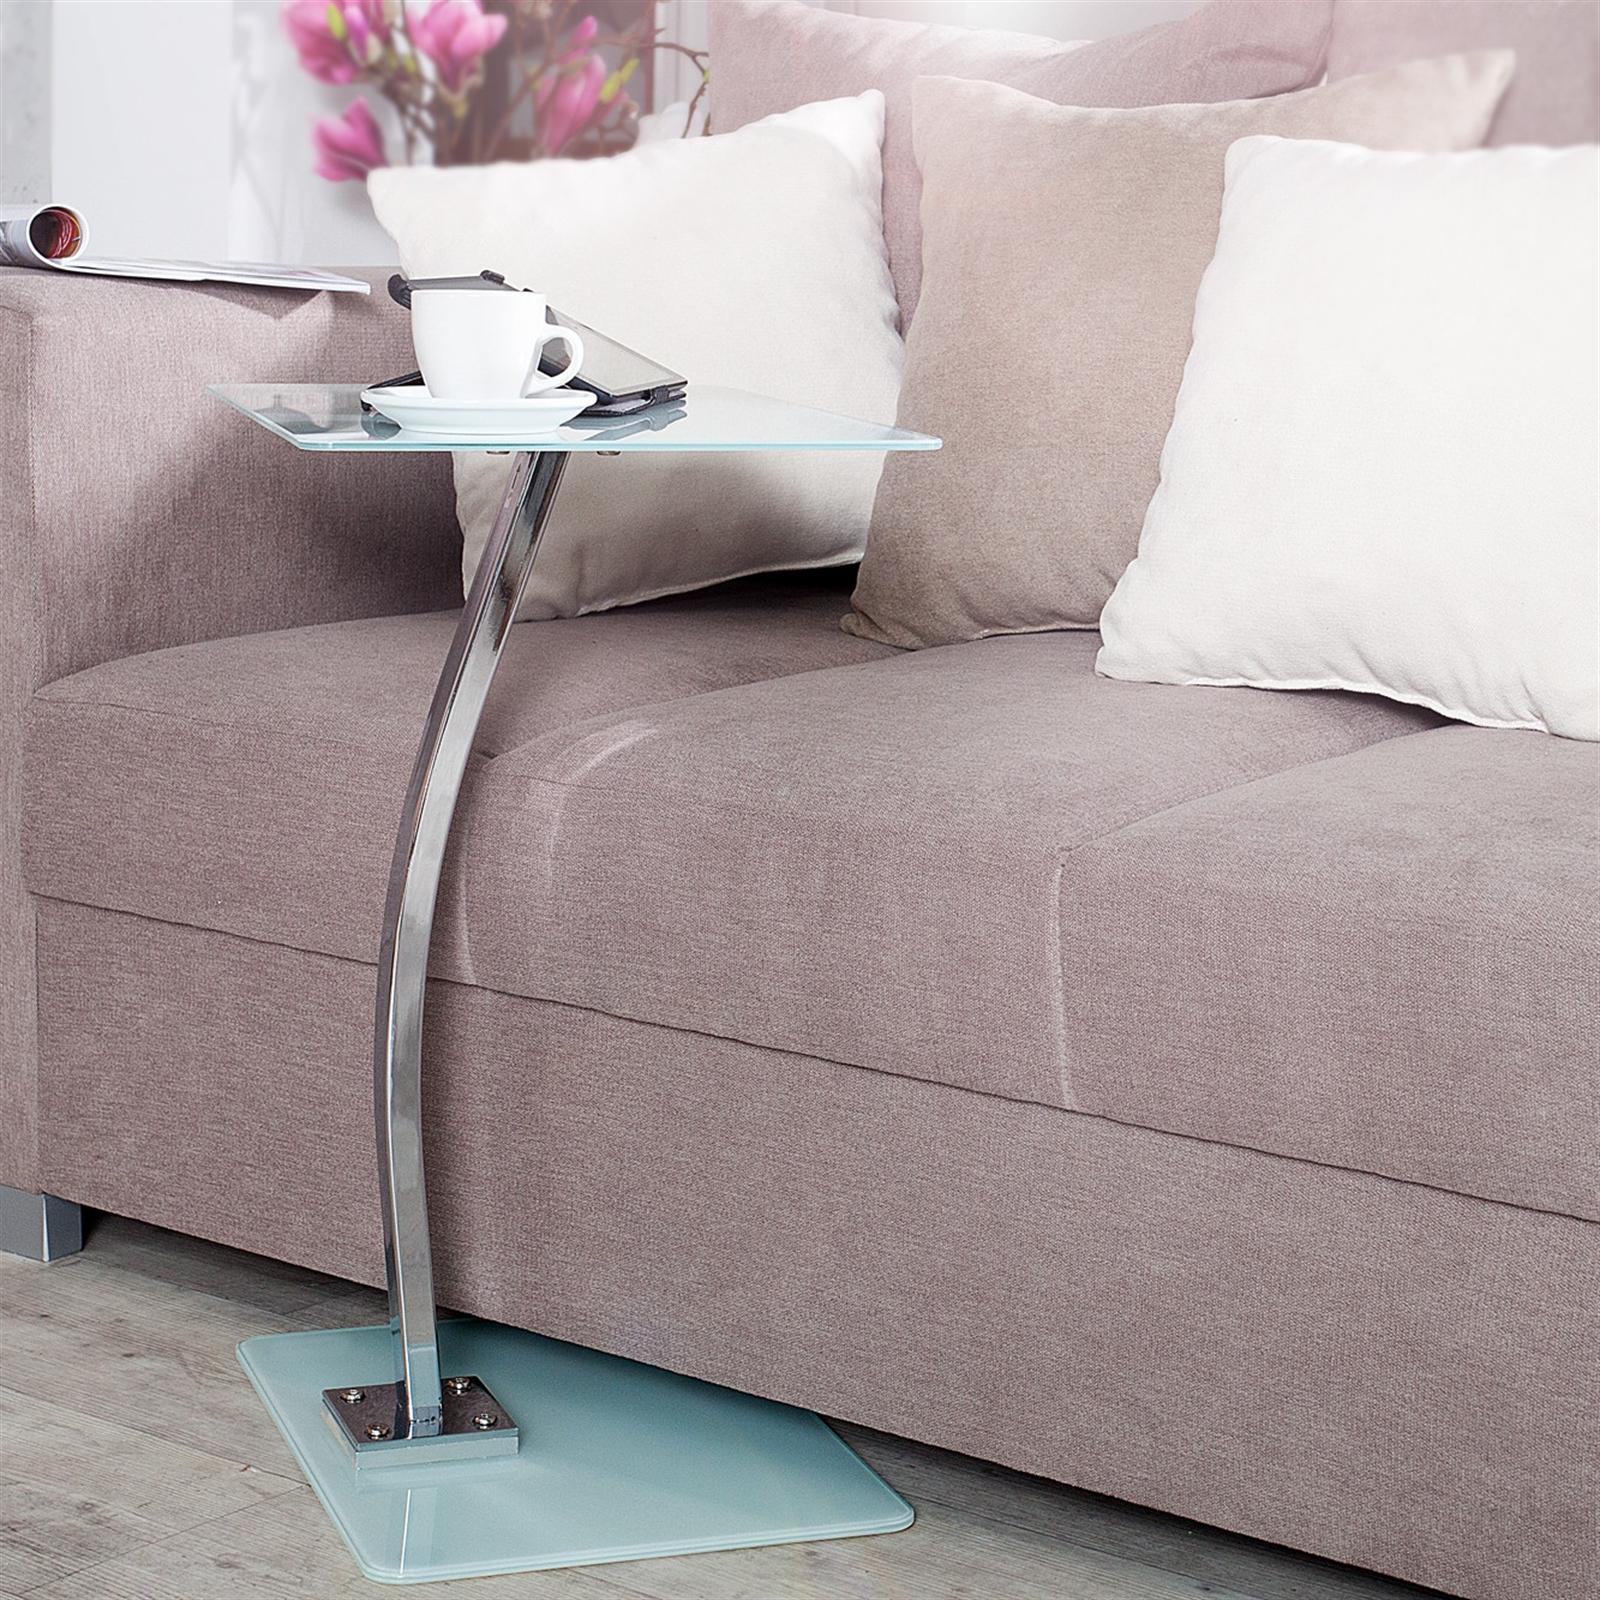 beistelltisch james wei glas 58 cm laptop tablett tisch ebay. Black Bedroom Furniture Sets. Home Design Ideas